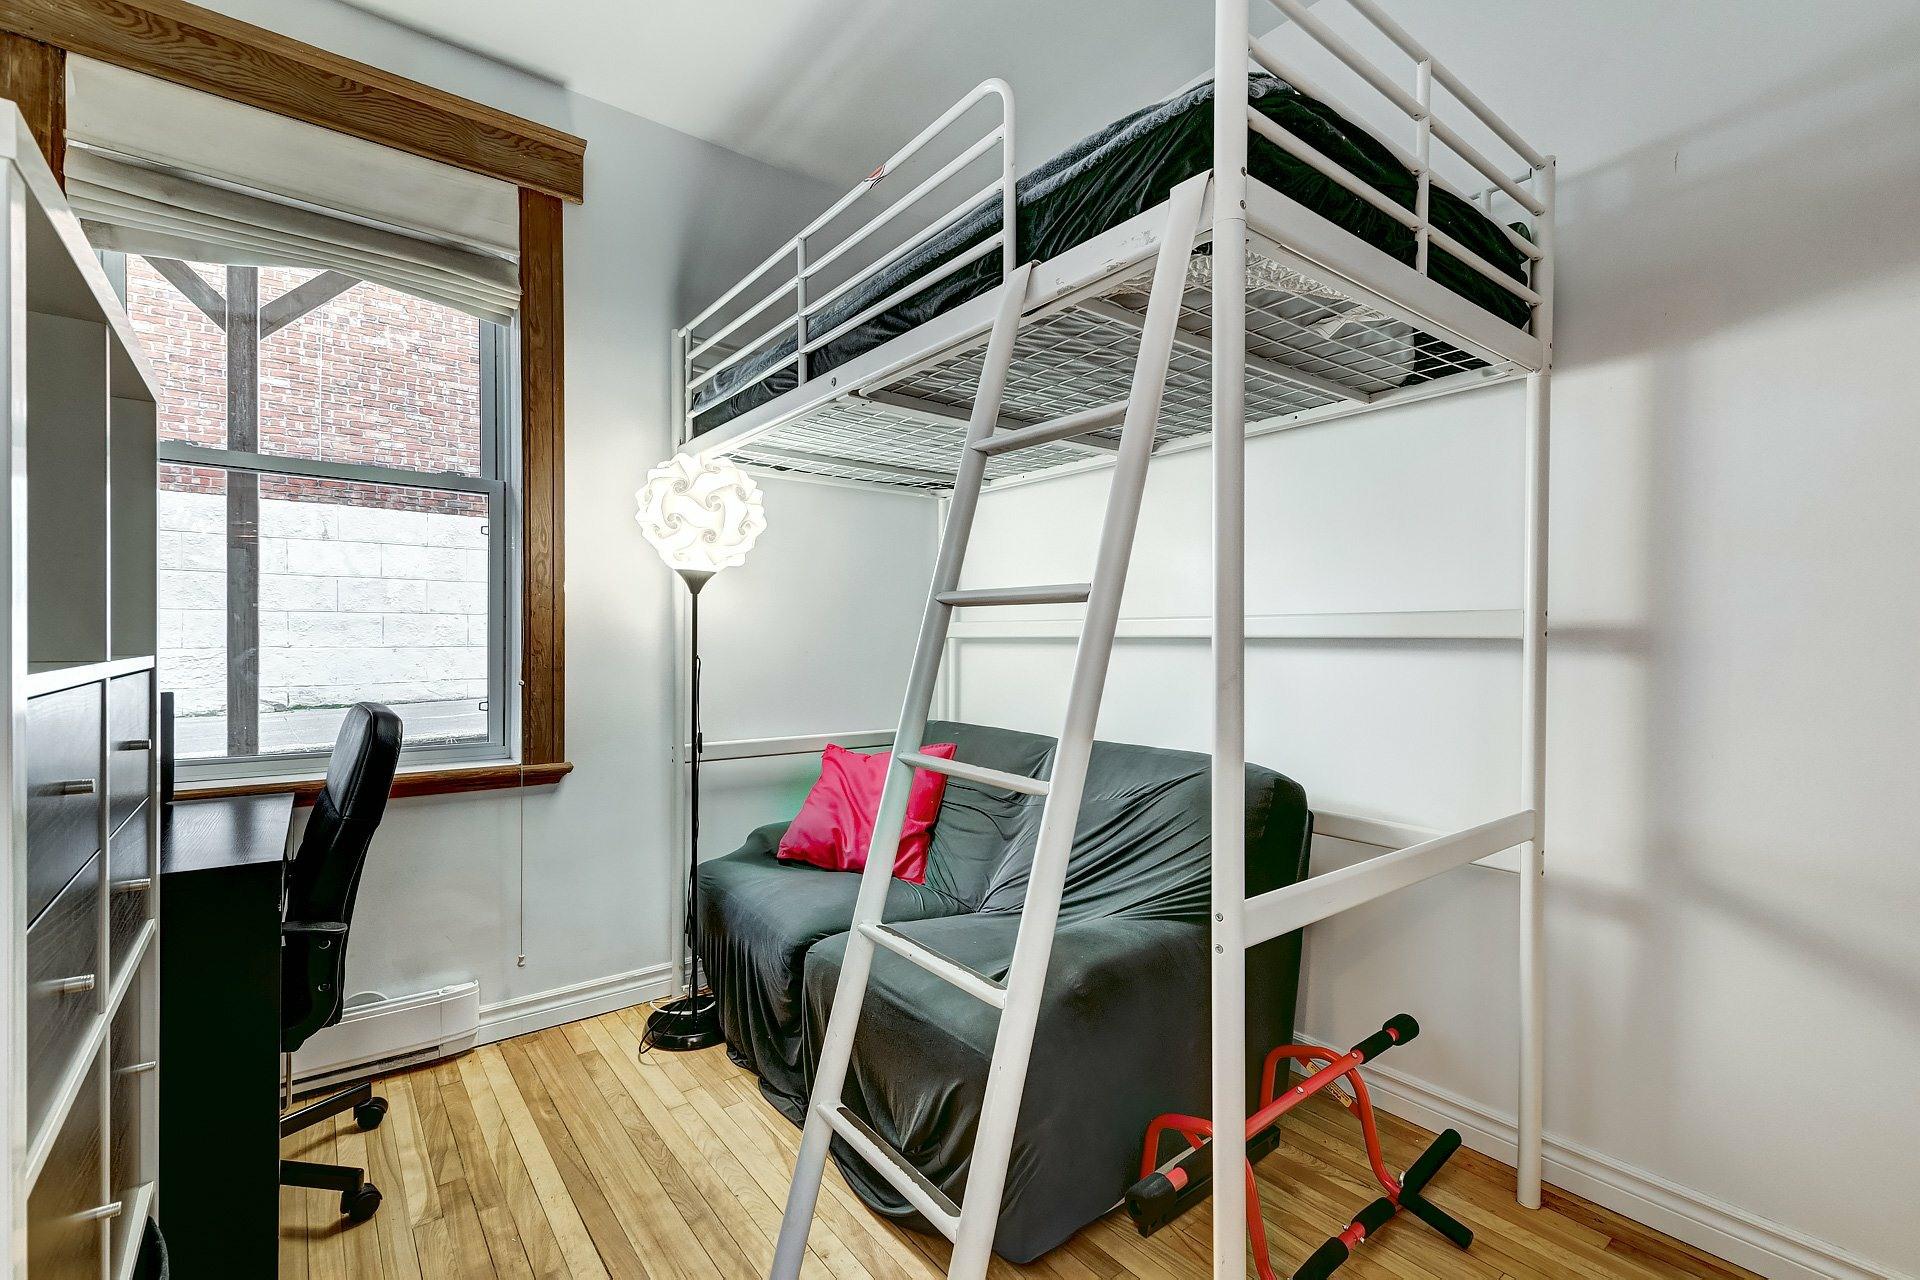 image 14 - Appartement À vendre Outremont Montréal  - 7 pièces